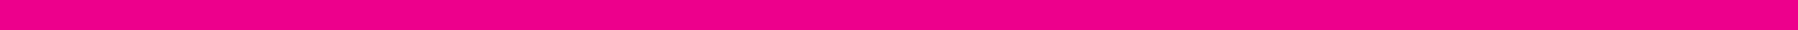 PinkStrip_underSlider_Big